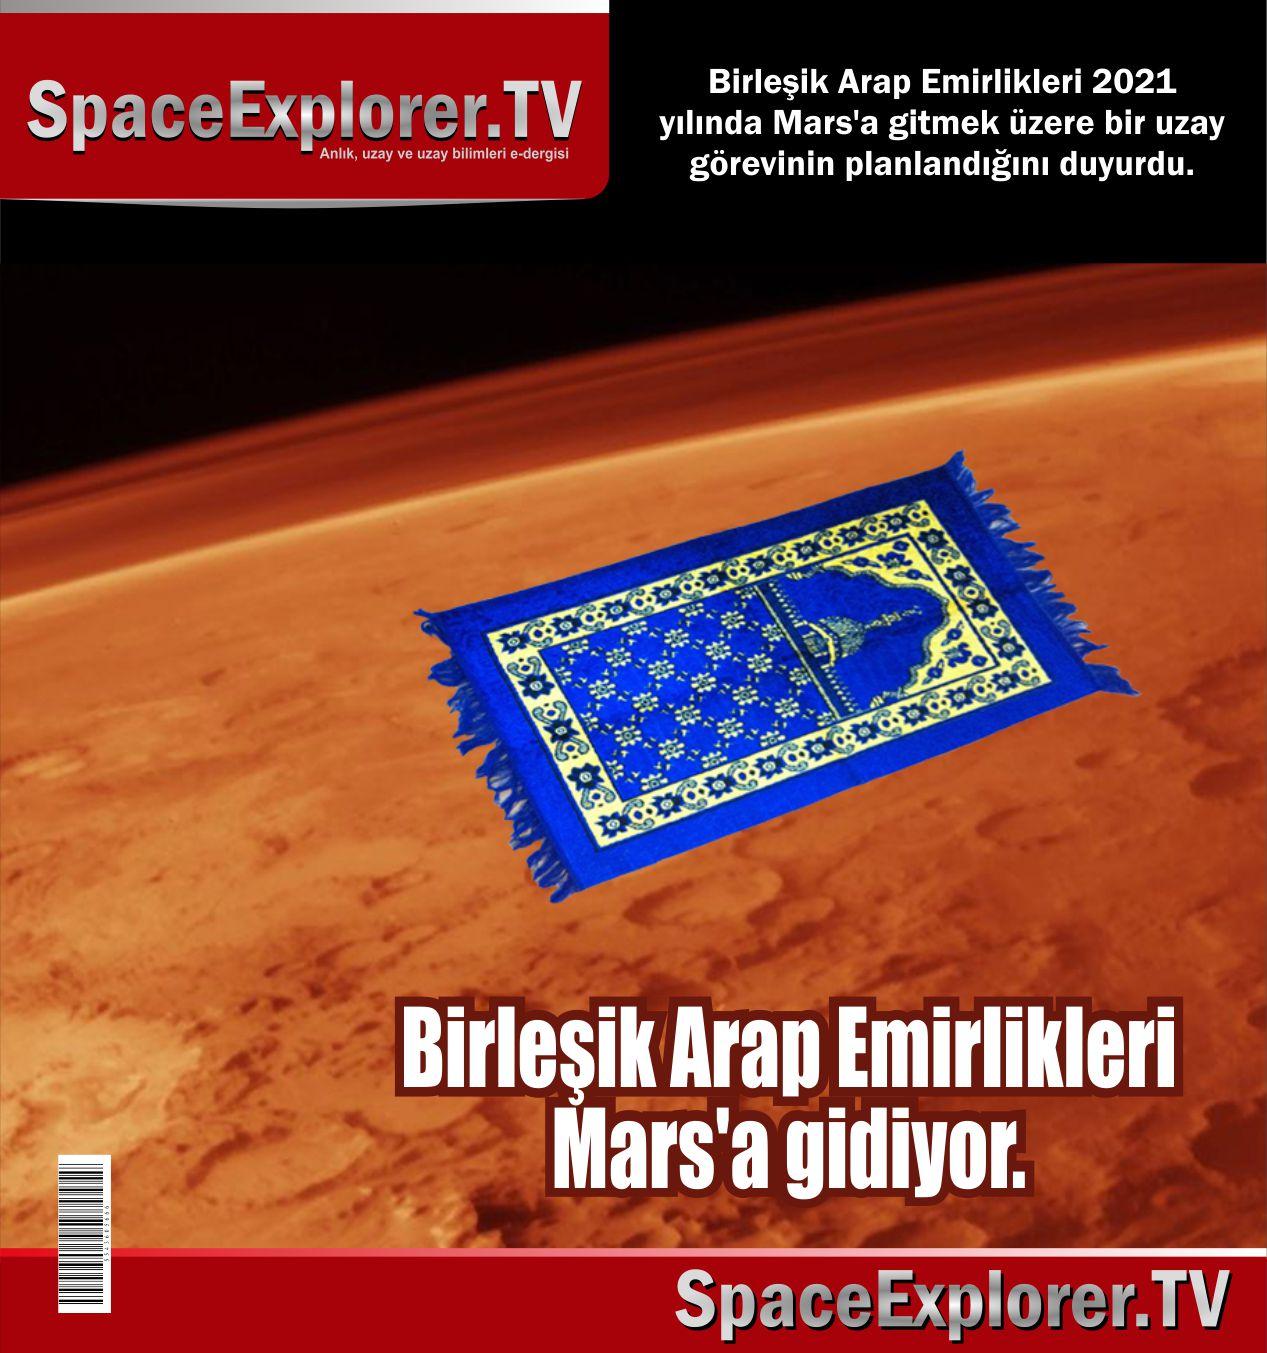 Birleşik Arap Emirlikleri, Mars, Mars One, Mars'ta yaşam var mı, Uzayda hayat var mı?, Evrende yalnız mıyız?, Mars'lılar müslüman mı, Müslüman bilim adamları, Müslüman uzaylılar,